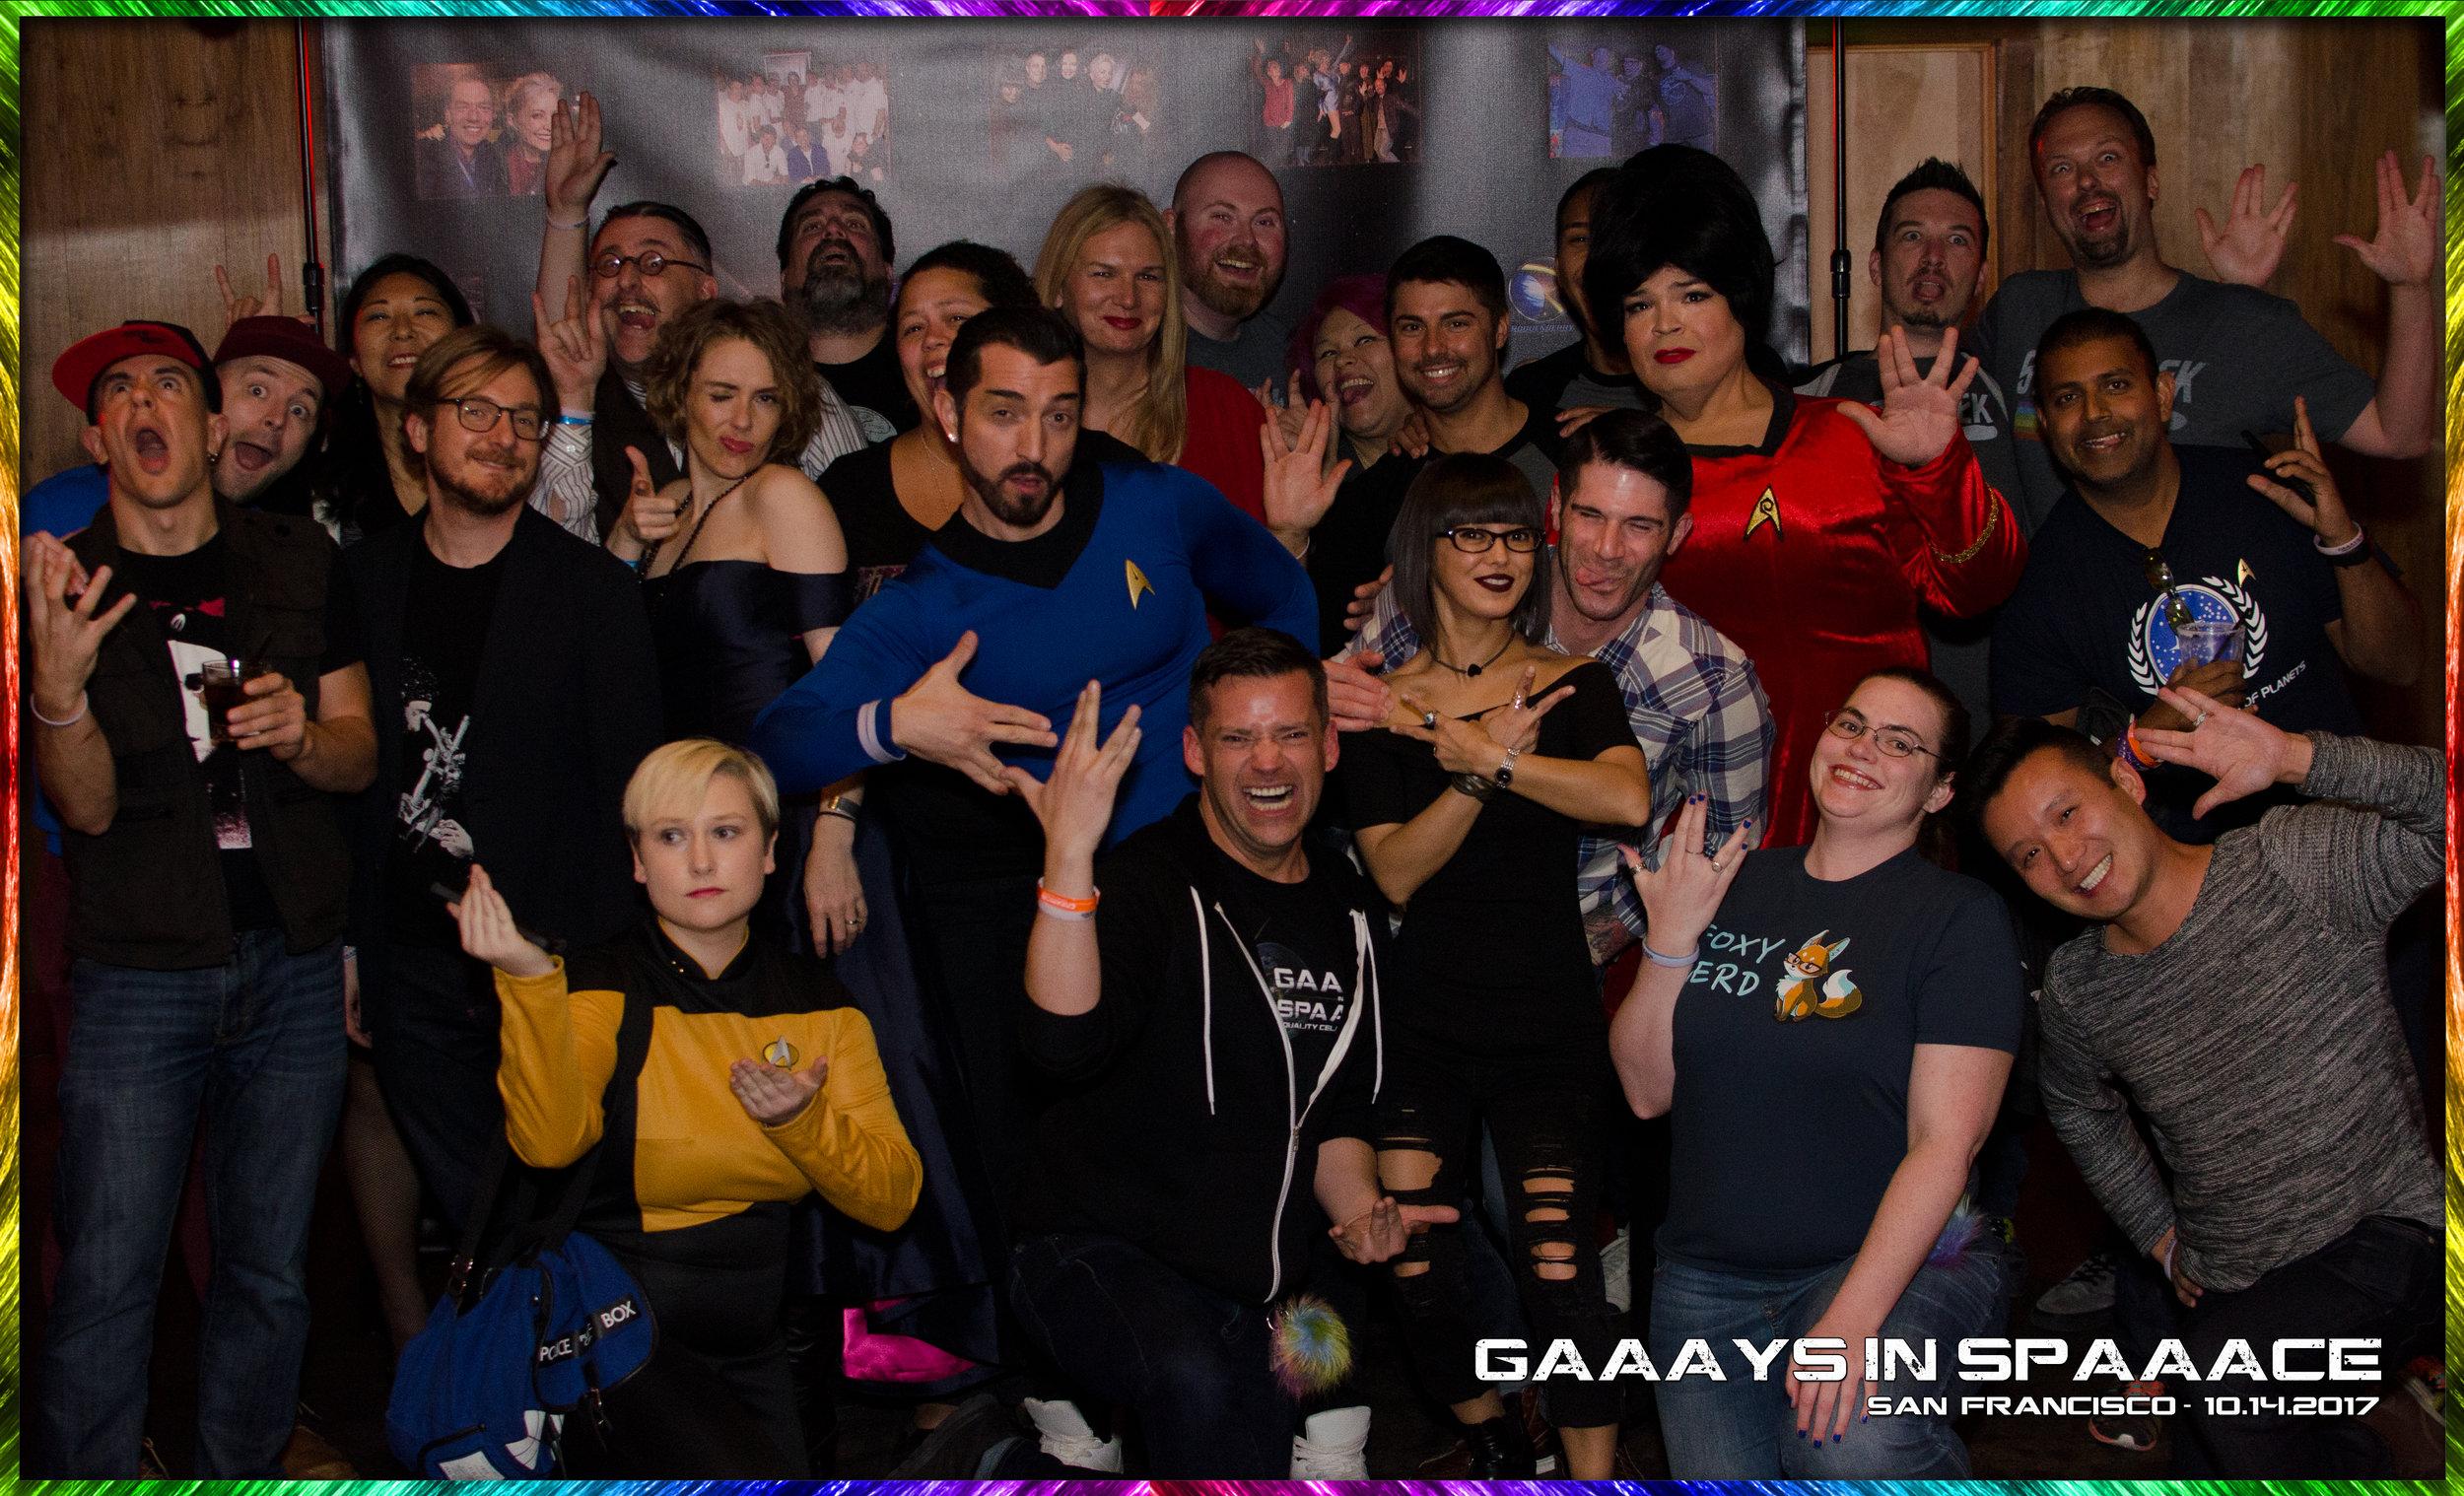 8-GIS-SF-10-14-17-GroupPhoto-Silly.jpg